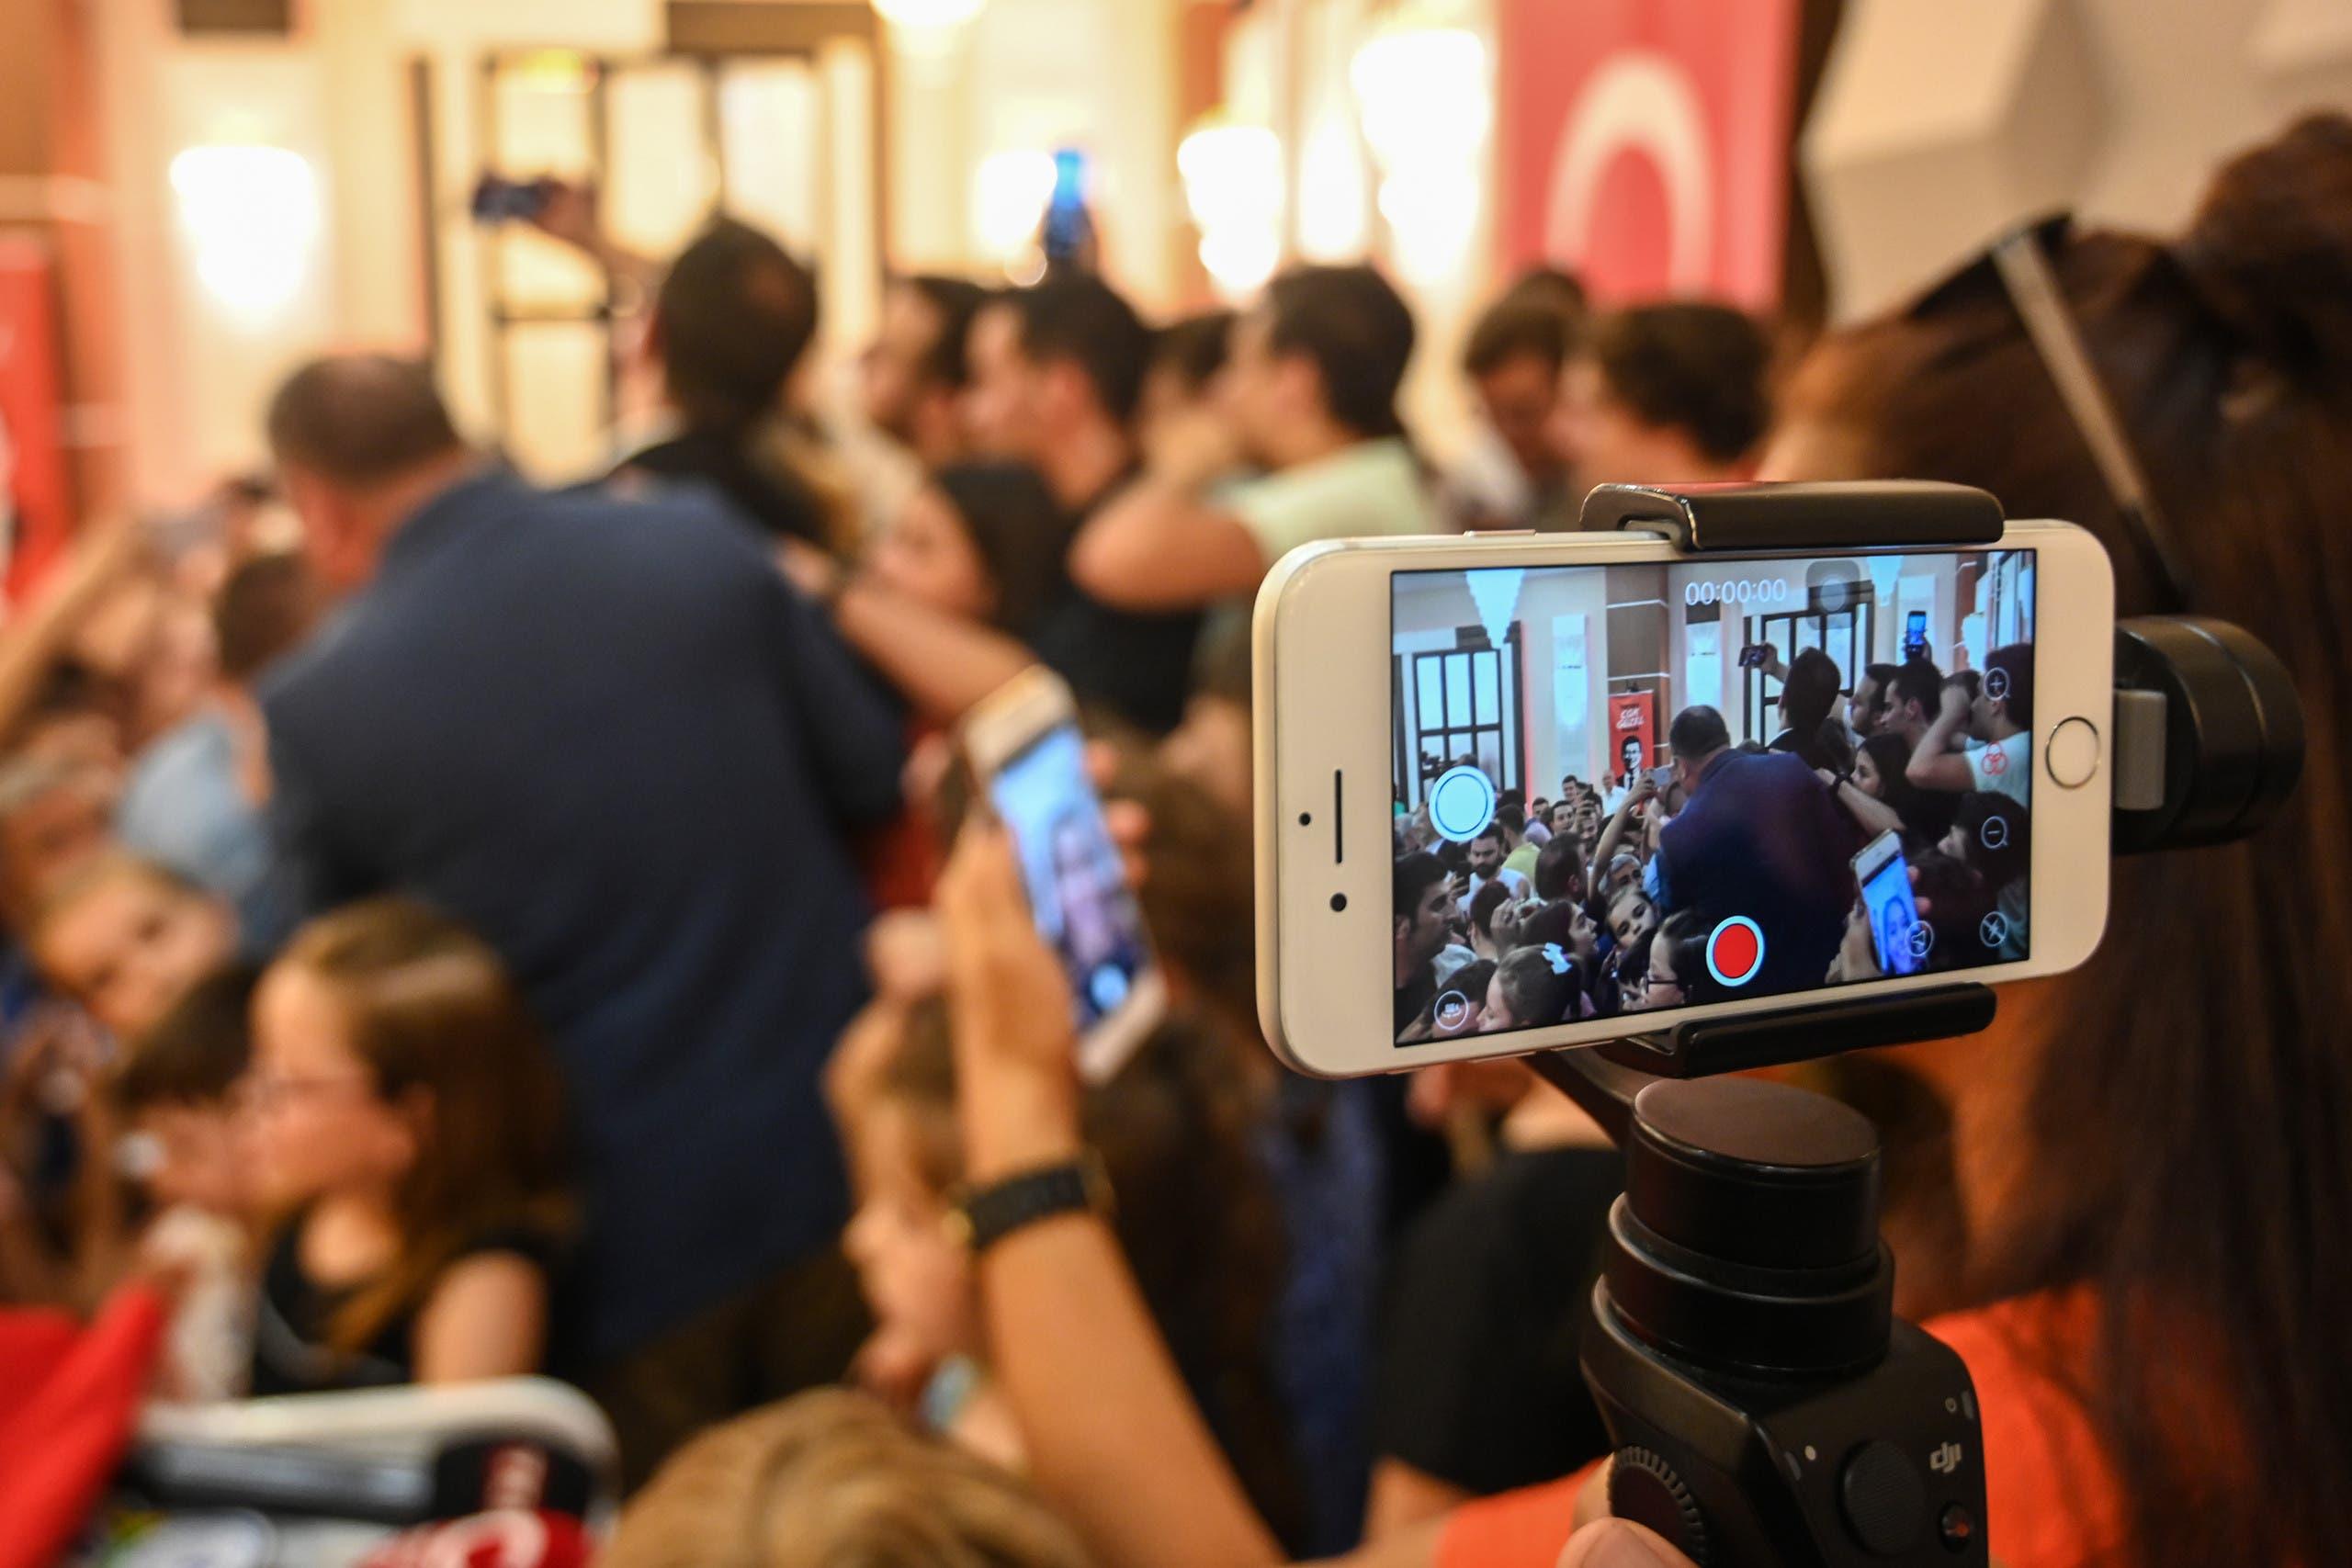 فريق التواصل الاجتماعي لإكرام إمام أوغلو ينقل مباشرةً أحد تجمعاته الانتخابيه خلال حملته للفوز ببلدية اسطنبول في يونيو الماضي